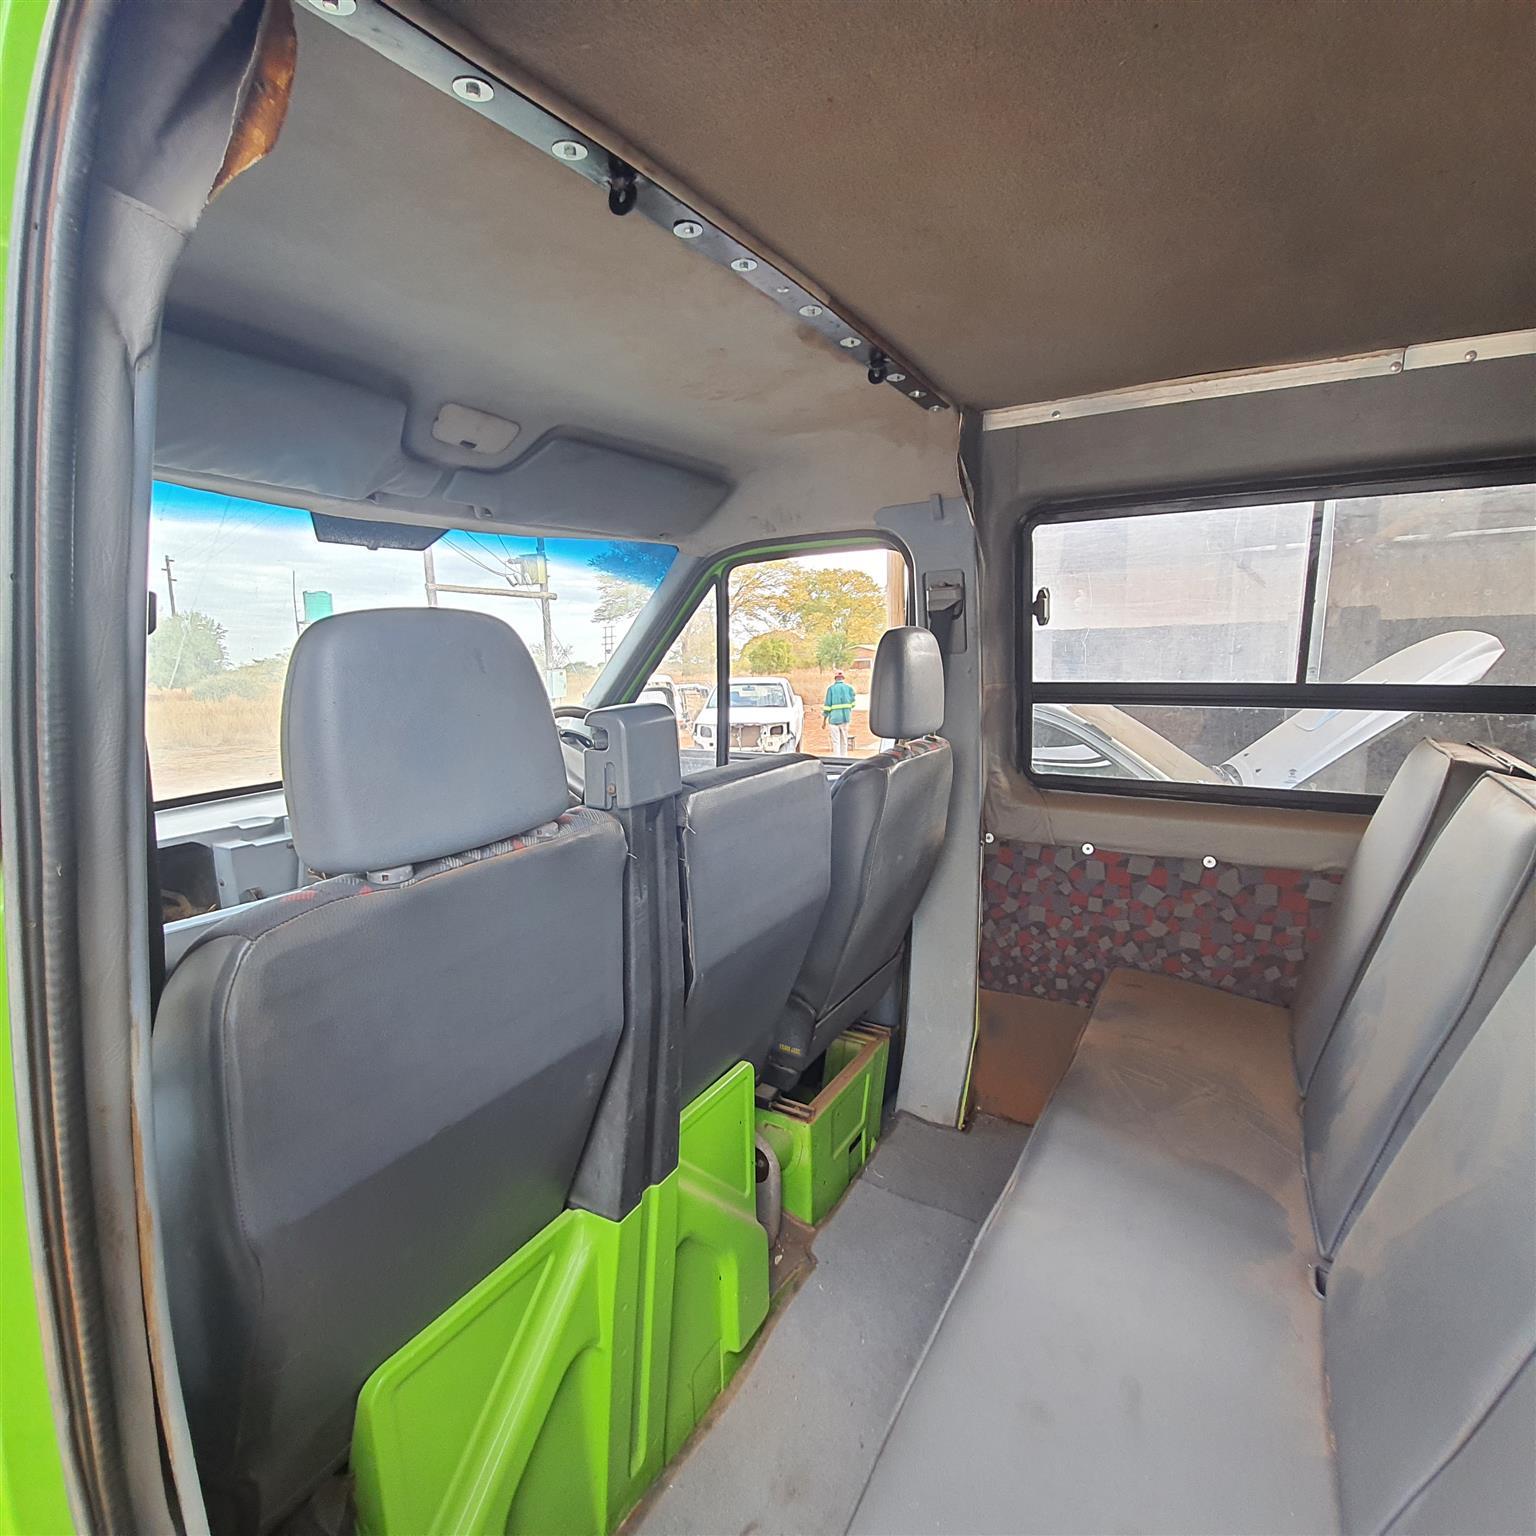 Mercedes Benz Sprinter Taxi